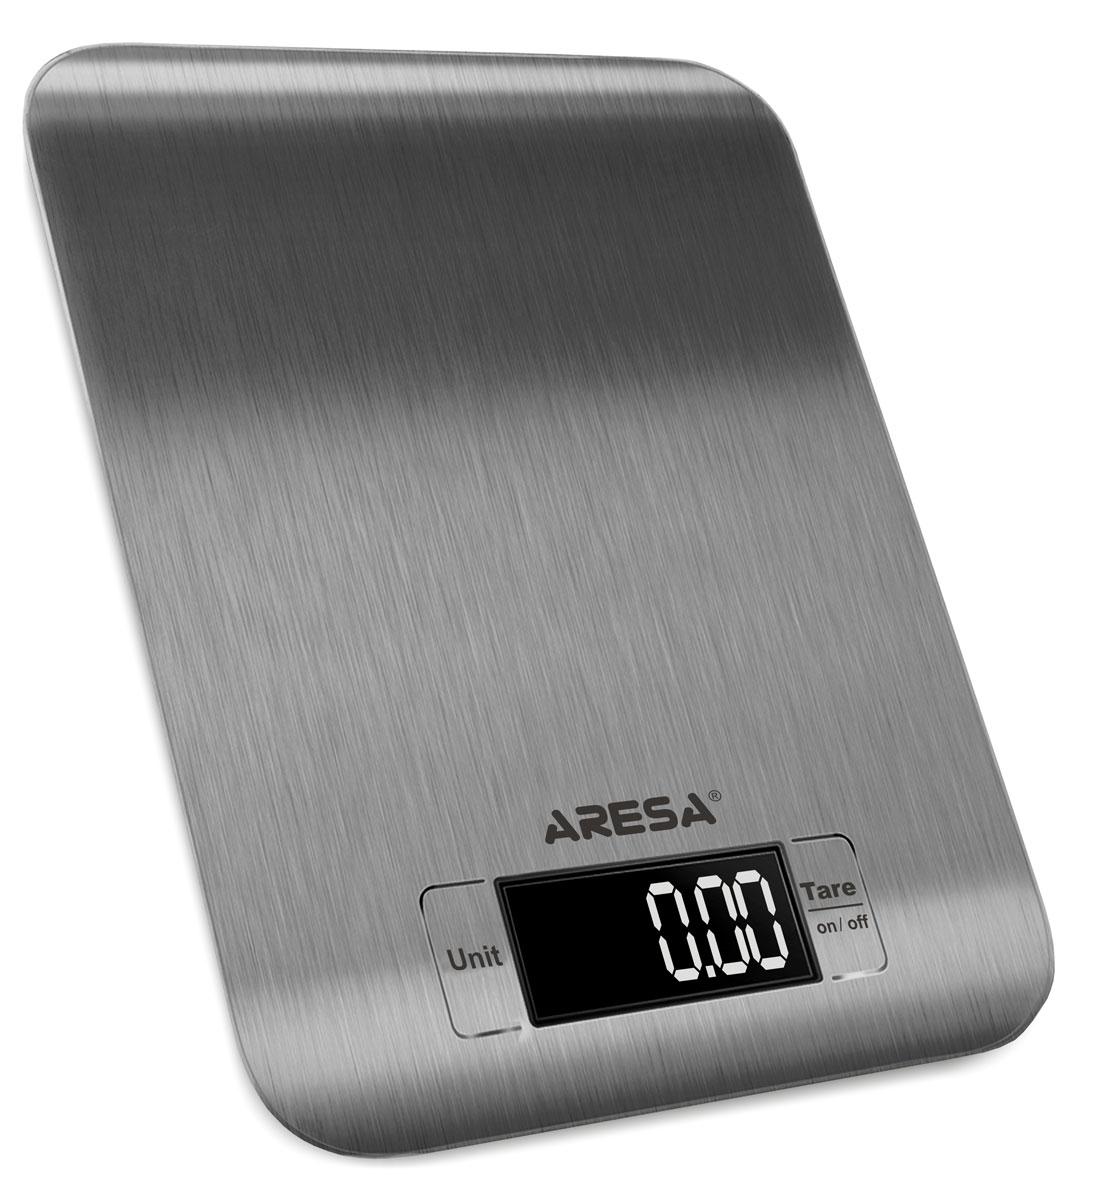 Aresa SK-408 кухонные весыSK-408Кухонные электронные весы Aresa SK-408 - незаменимые помощники современной хозяйки. Они помогут точно взвесить любые продукты и ингредиенты. Кроме того, позволят людям, соблюдающим диету, контролировать количество съедаемой пищи и размеры порций. Предназначены для взвешивания продуктов с точностью измерения 1 грамм. Минимальная нагрузка: 5 г